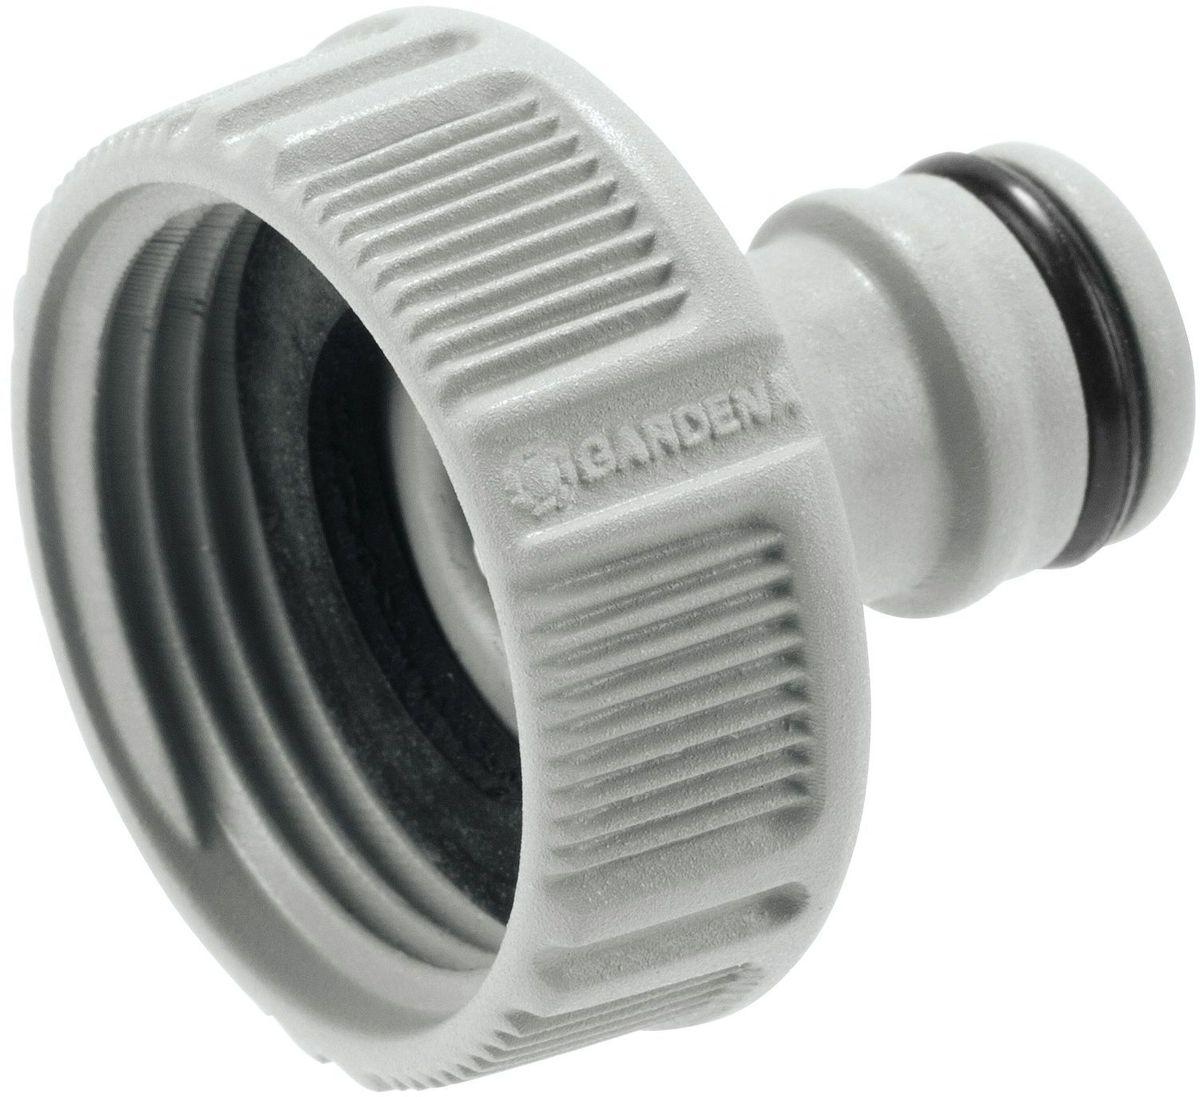 Штуцер Gardena, резьбовой, 118202-29.000.00Штуцер Gardena предназначен для соединения с резьбовыми кранами. Он легко устанавливается и нее требует использования инструментов. Подходит для кранов диаметром 26,5 мм (G 3/4) с резьбой 33,3 мм ( G 1).